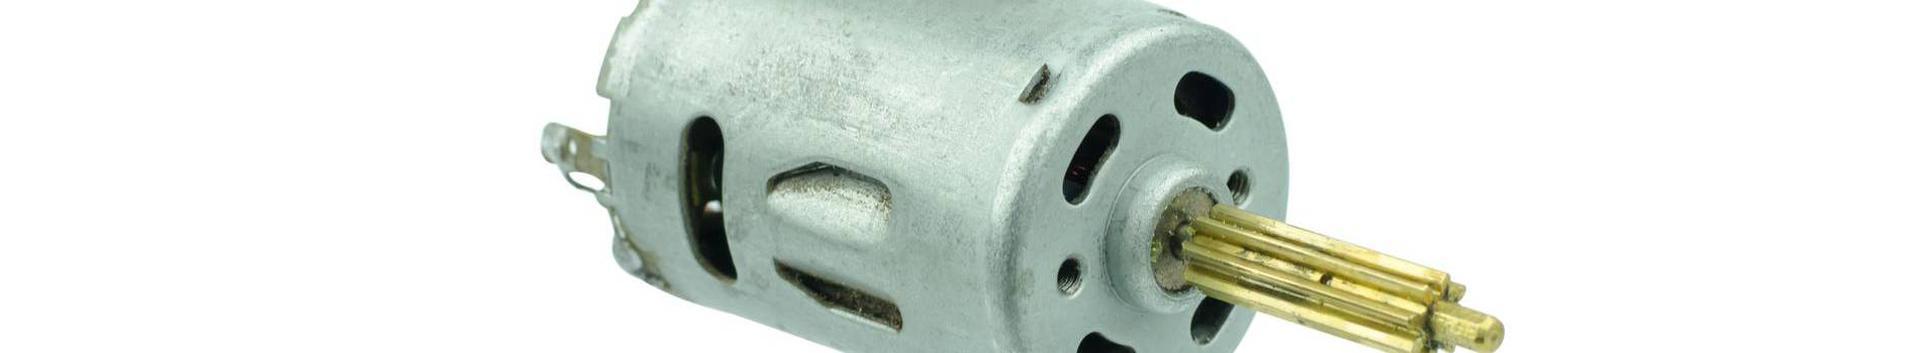 46141_masinate-toostusseadmete-vahendamine_88020448_xl.jpg